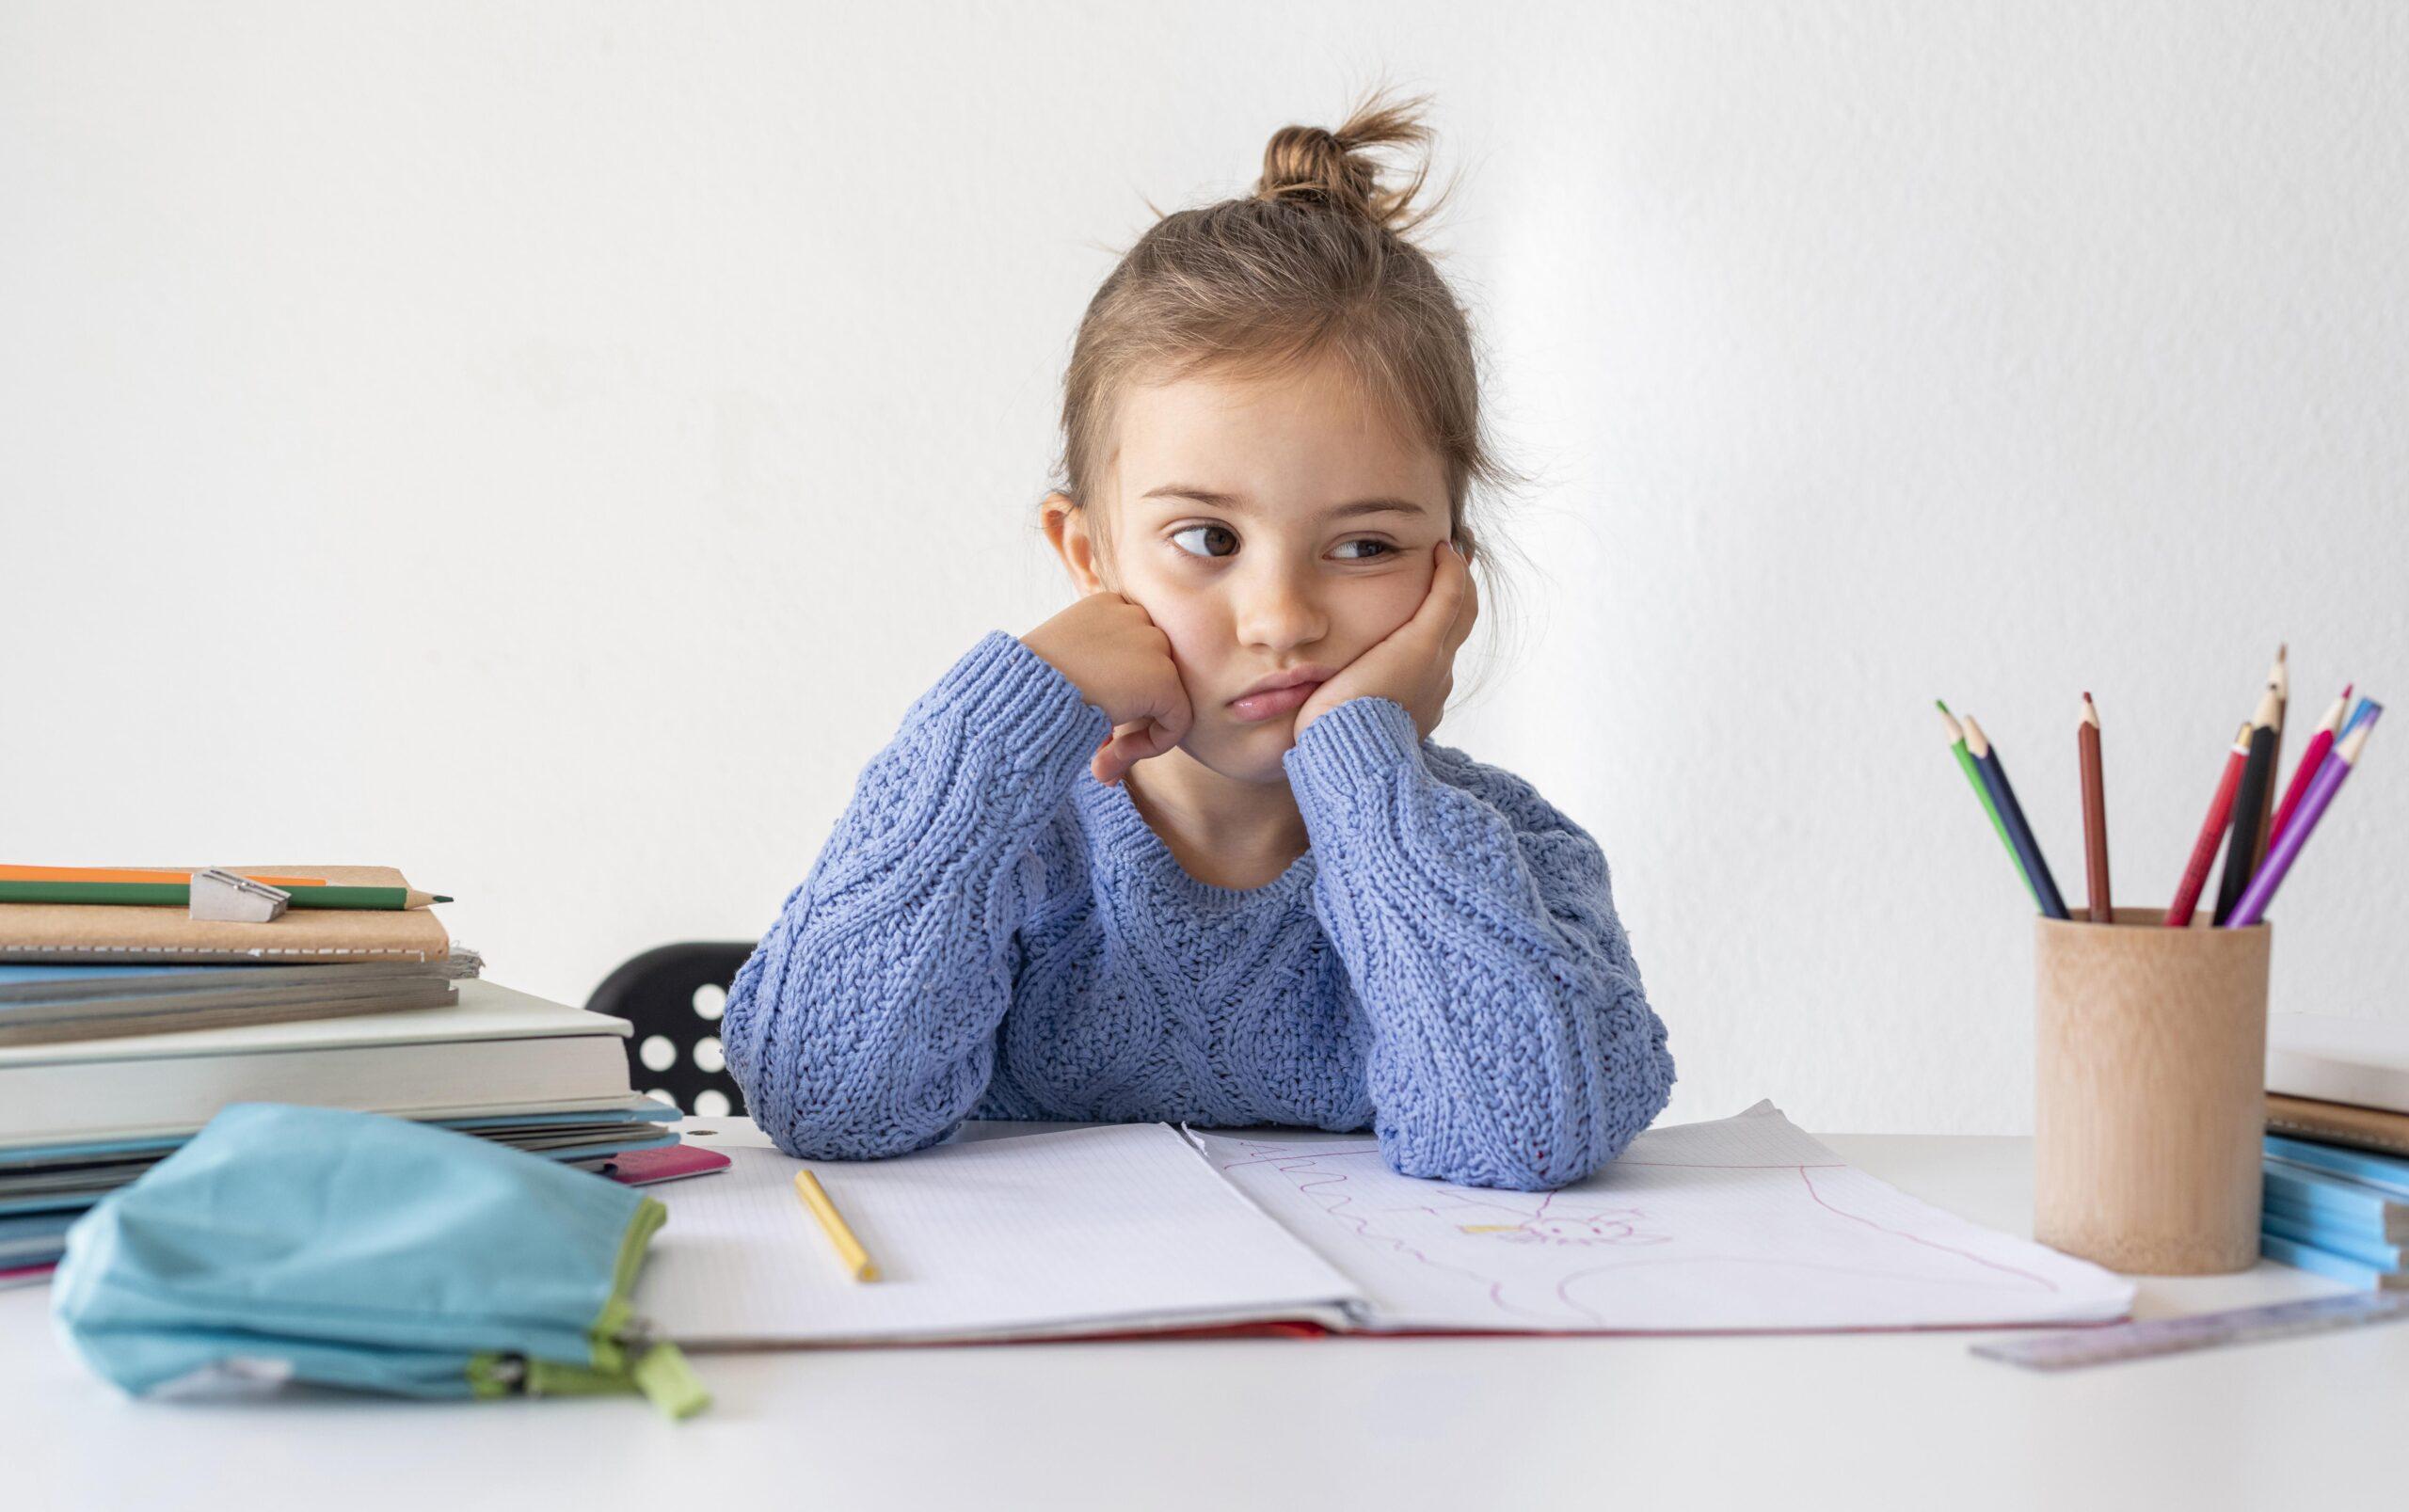 【親子教養錦囊】從遊戲中增進孩子專注力